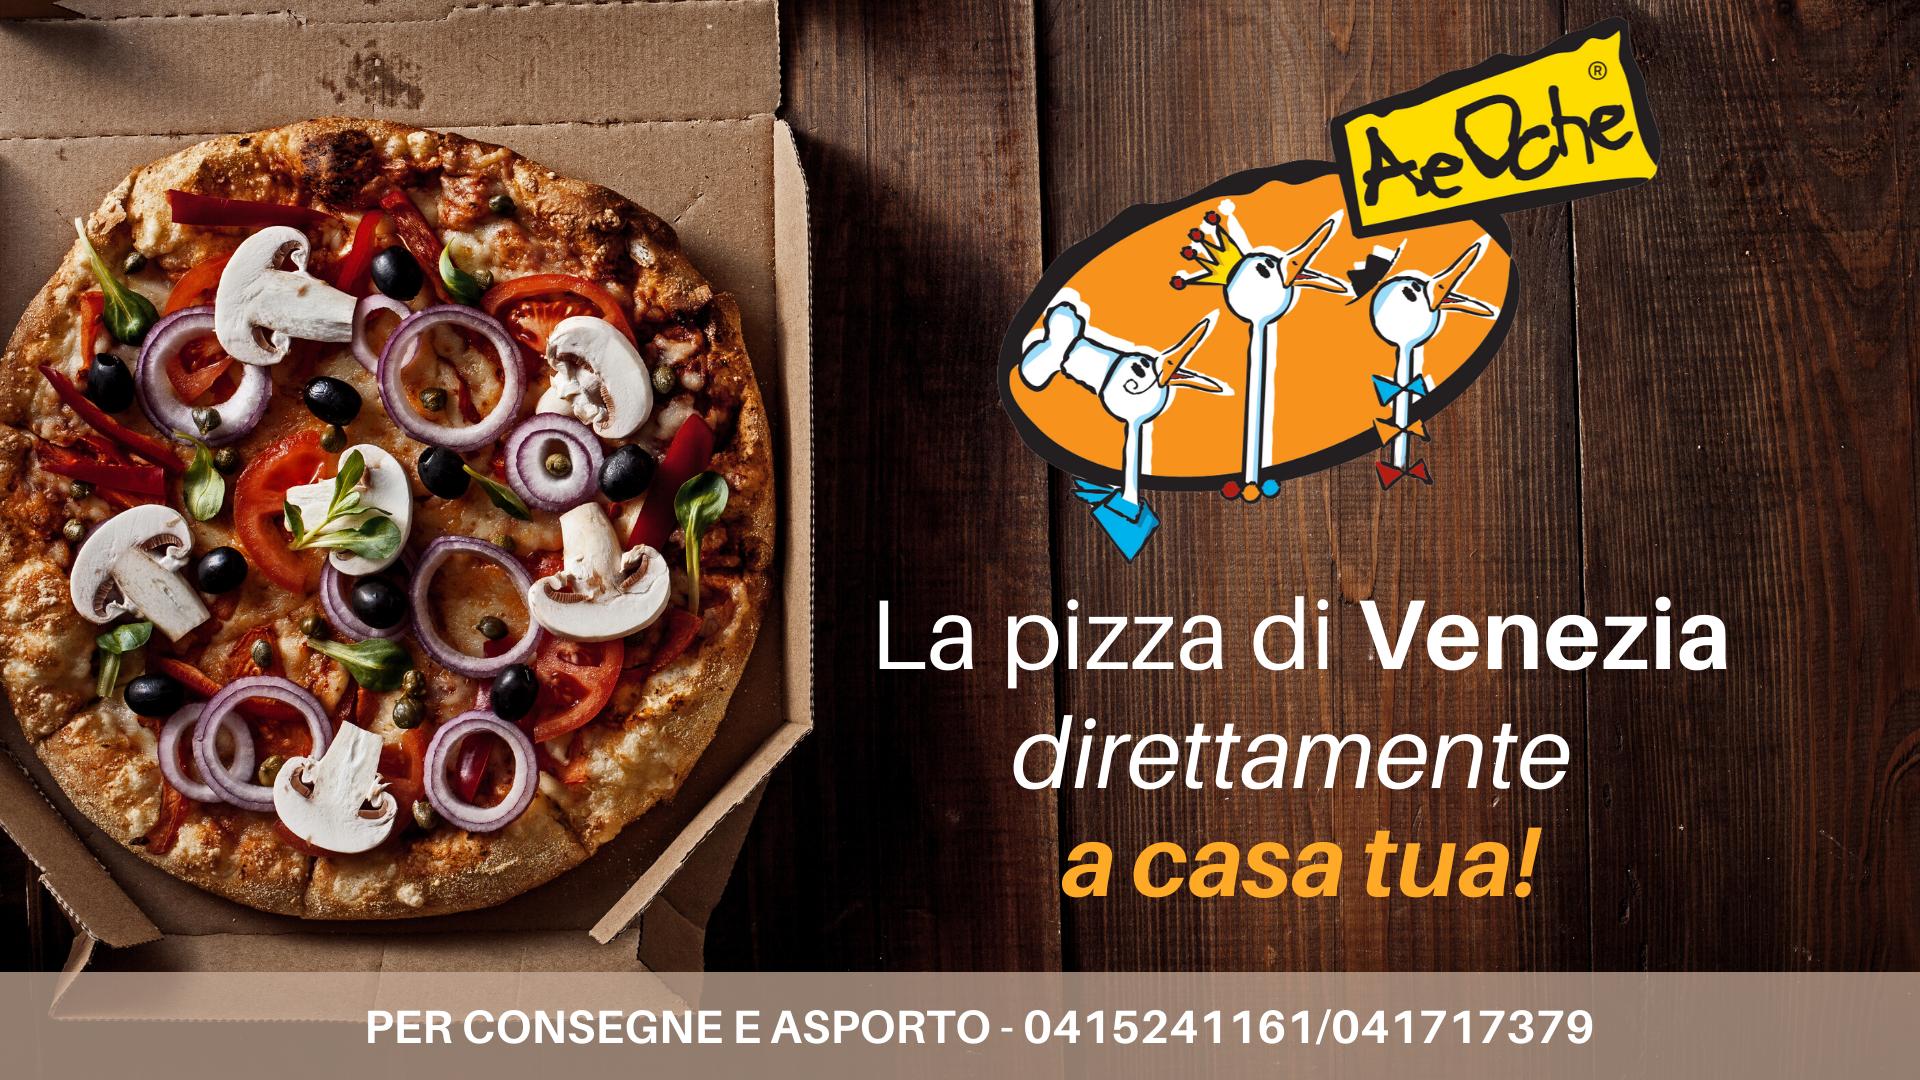 La pizza di Venezia direttamente a casa tua: asporto e consegna!